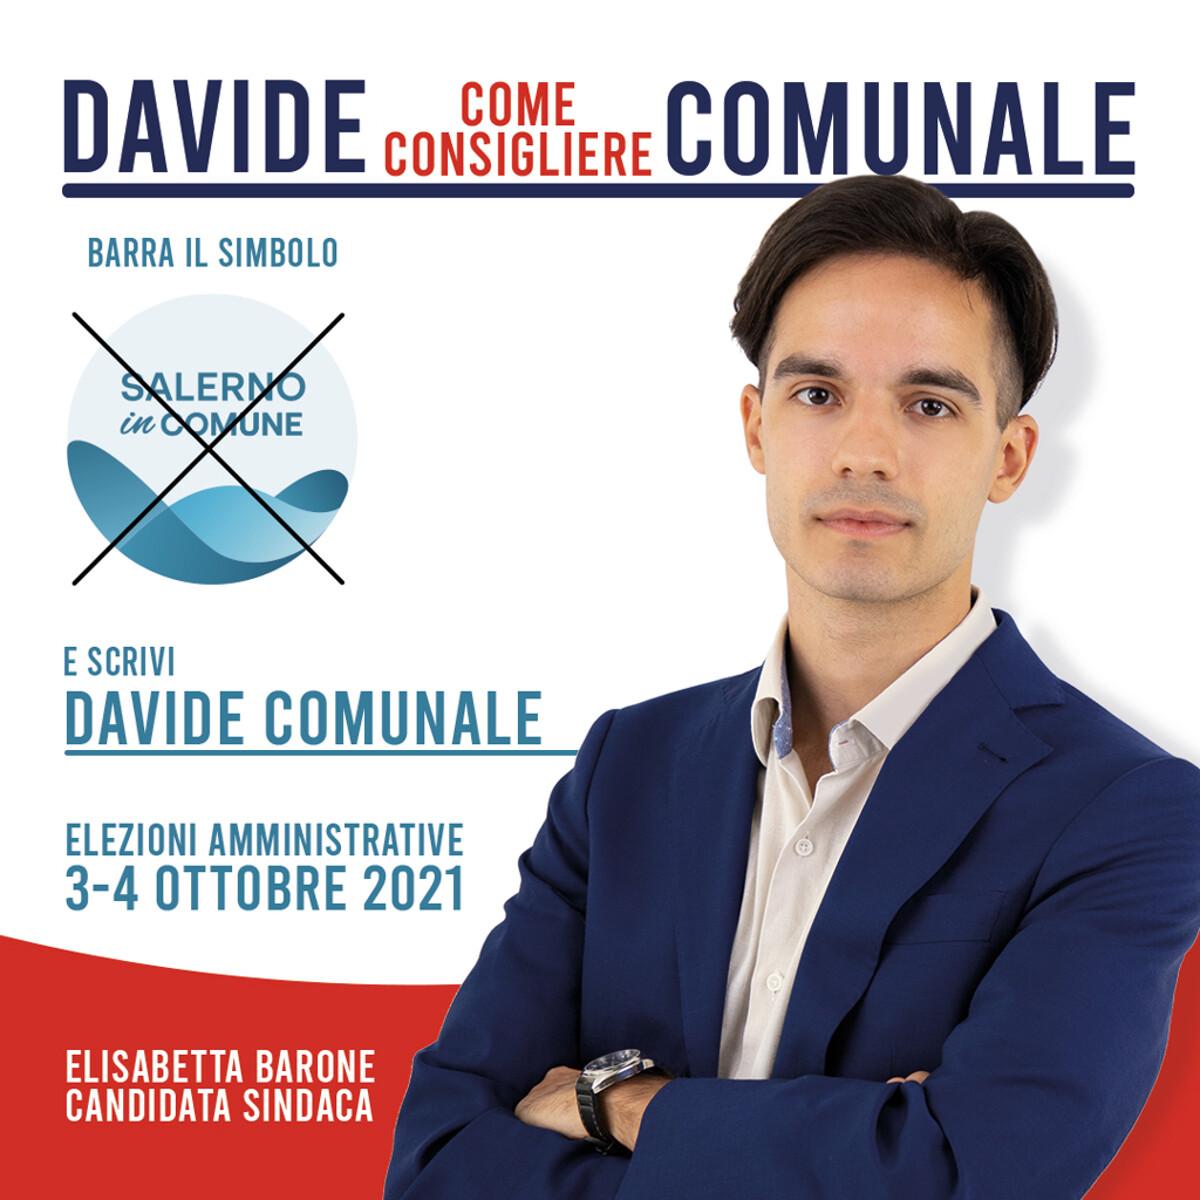 Davide Comunale candidato al consiglio comunale alle prossime elezioni amministrative di Salerno del 3 e 4 ottobre